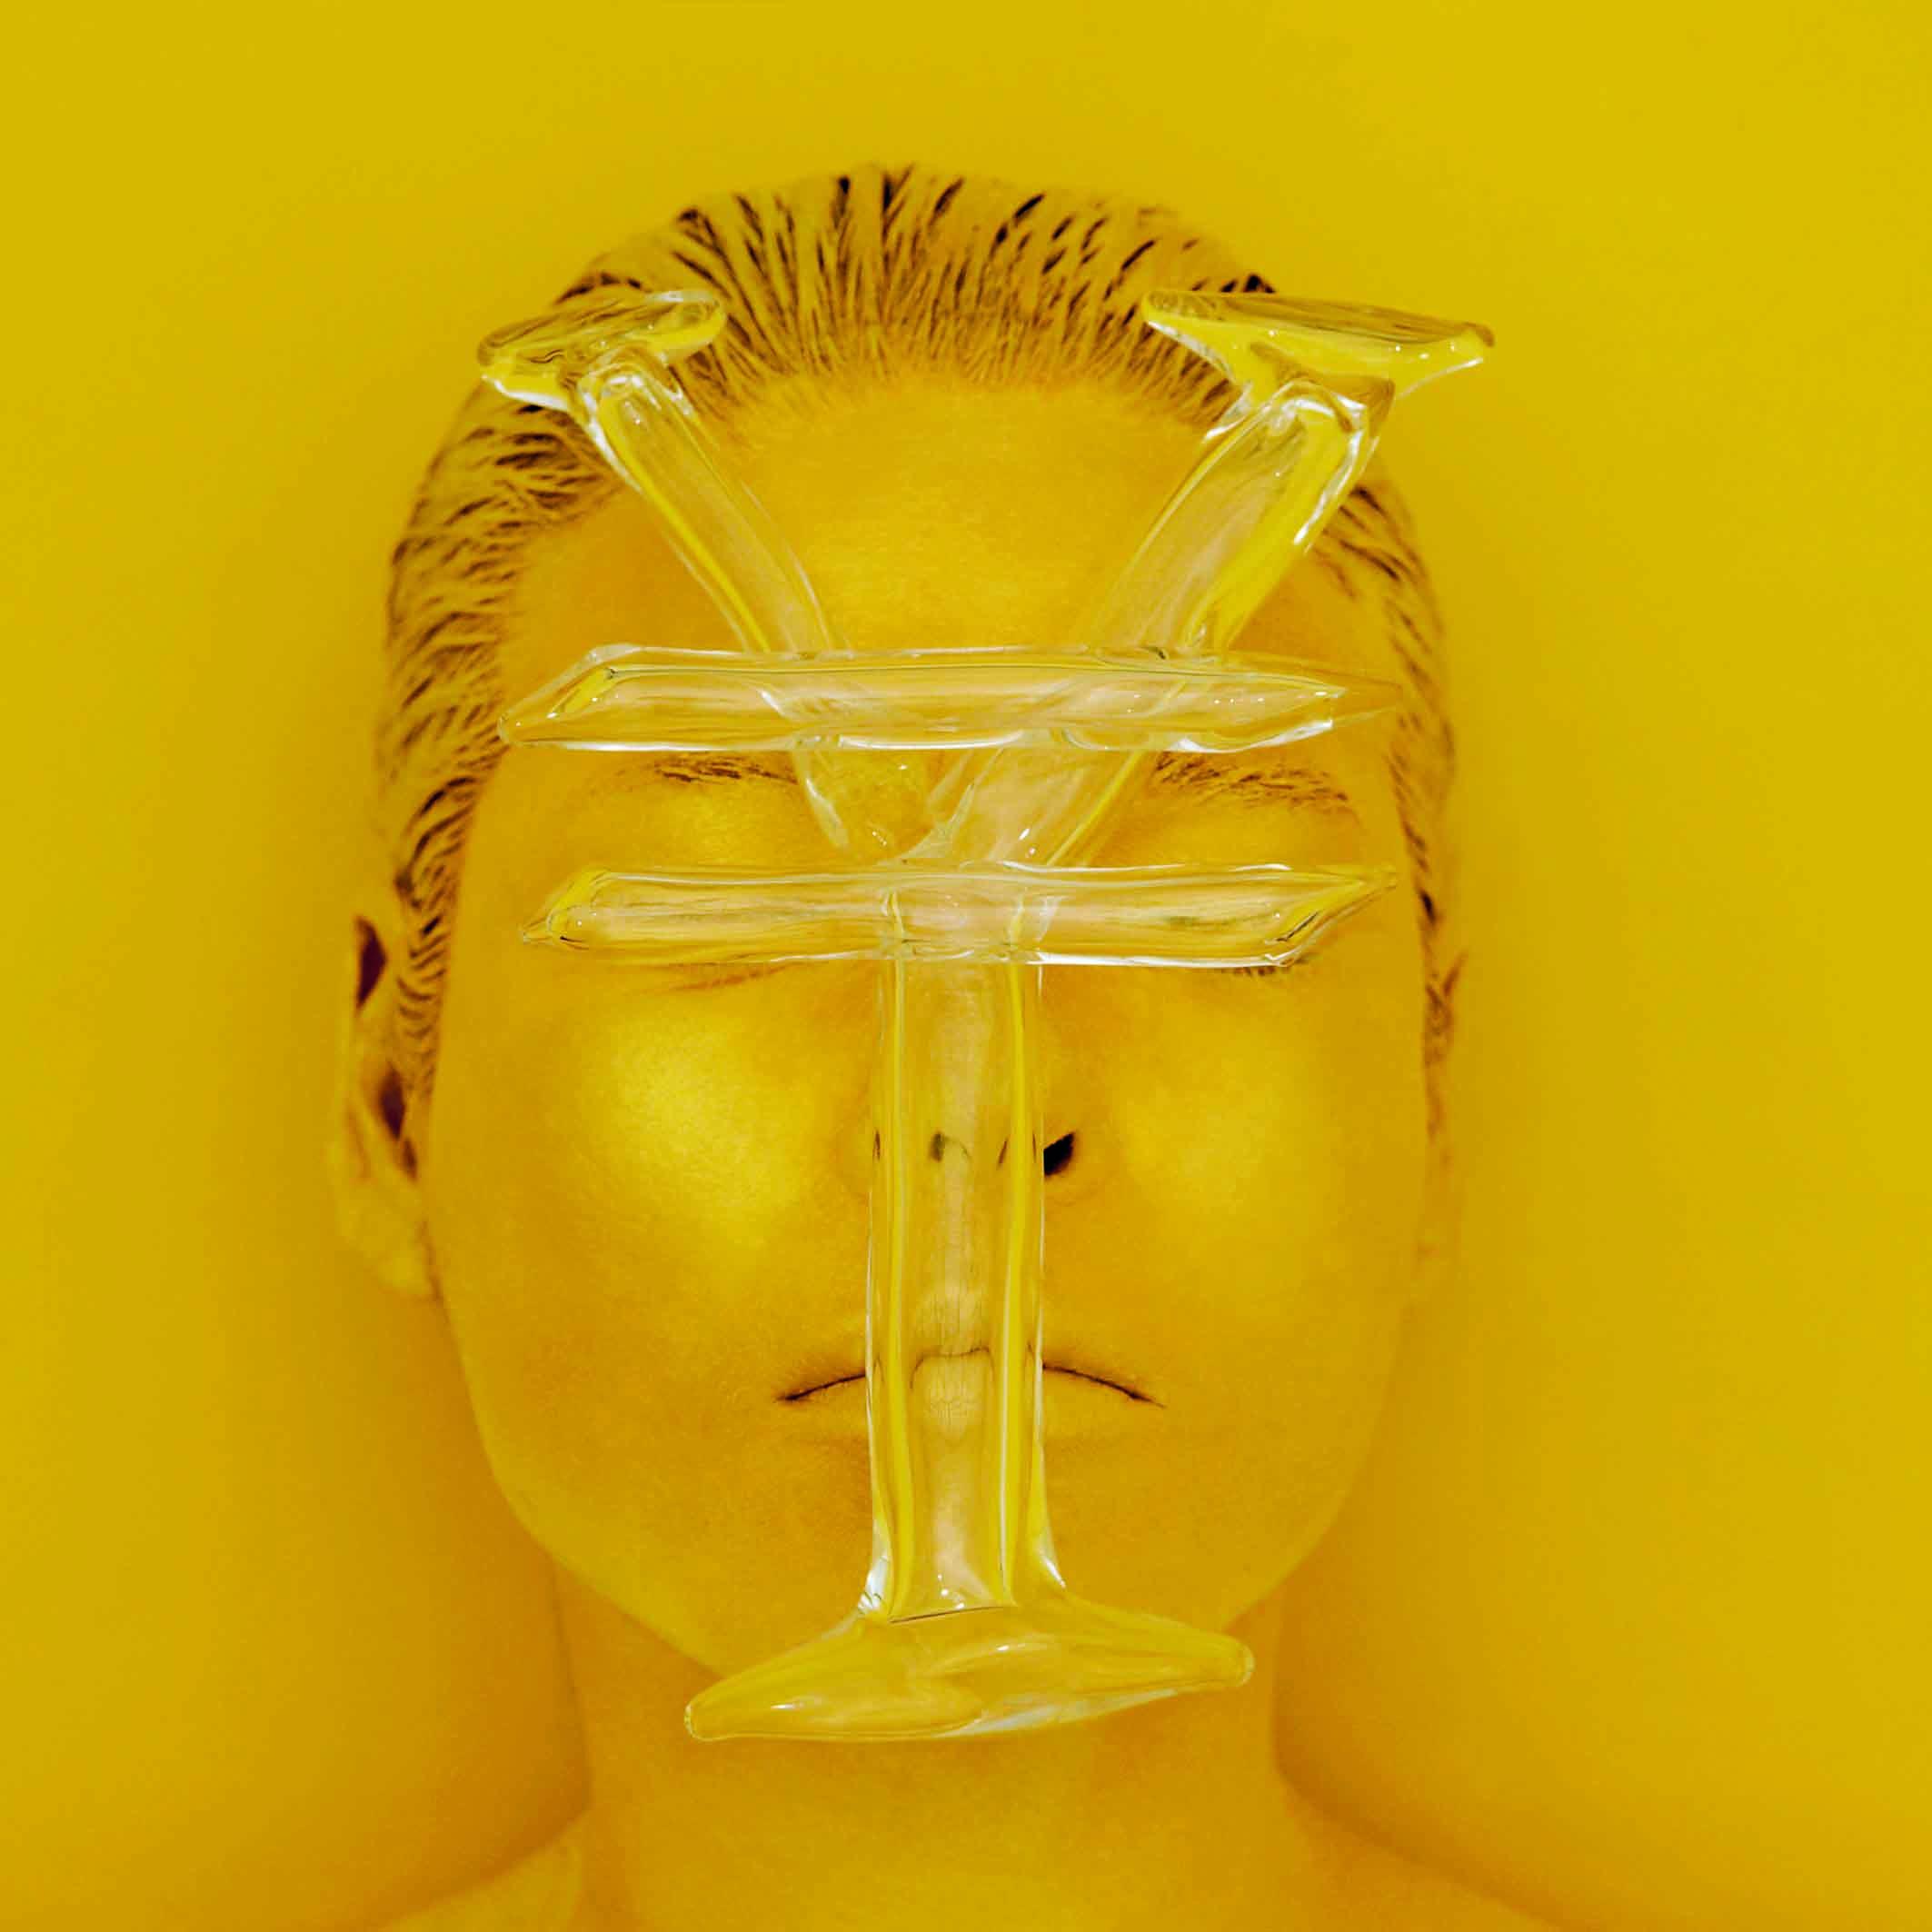 Kimiko Yoshida's Blown Glass Symbols, 2009